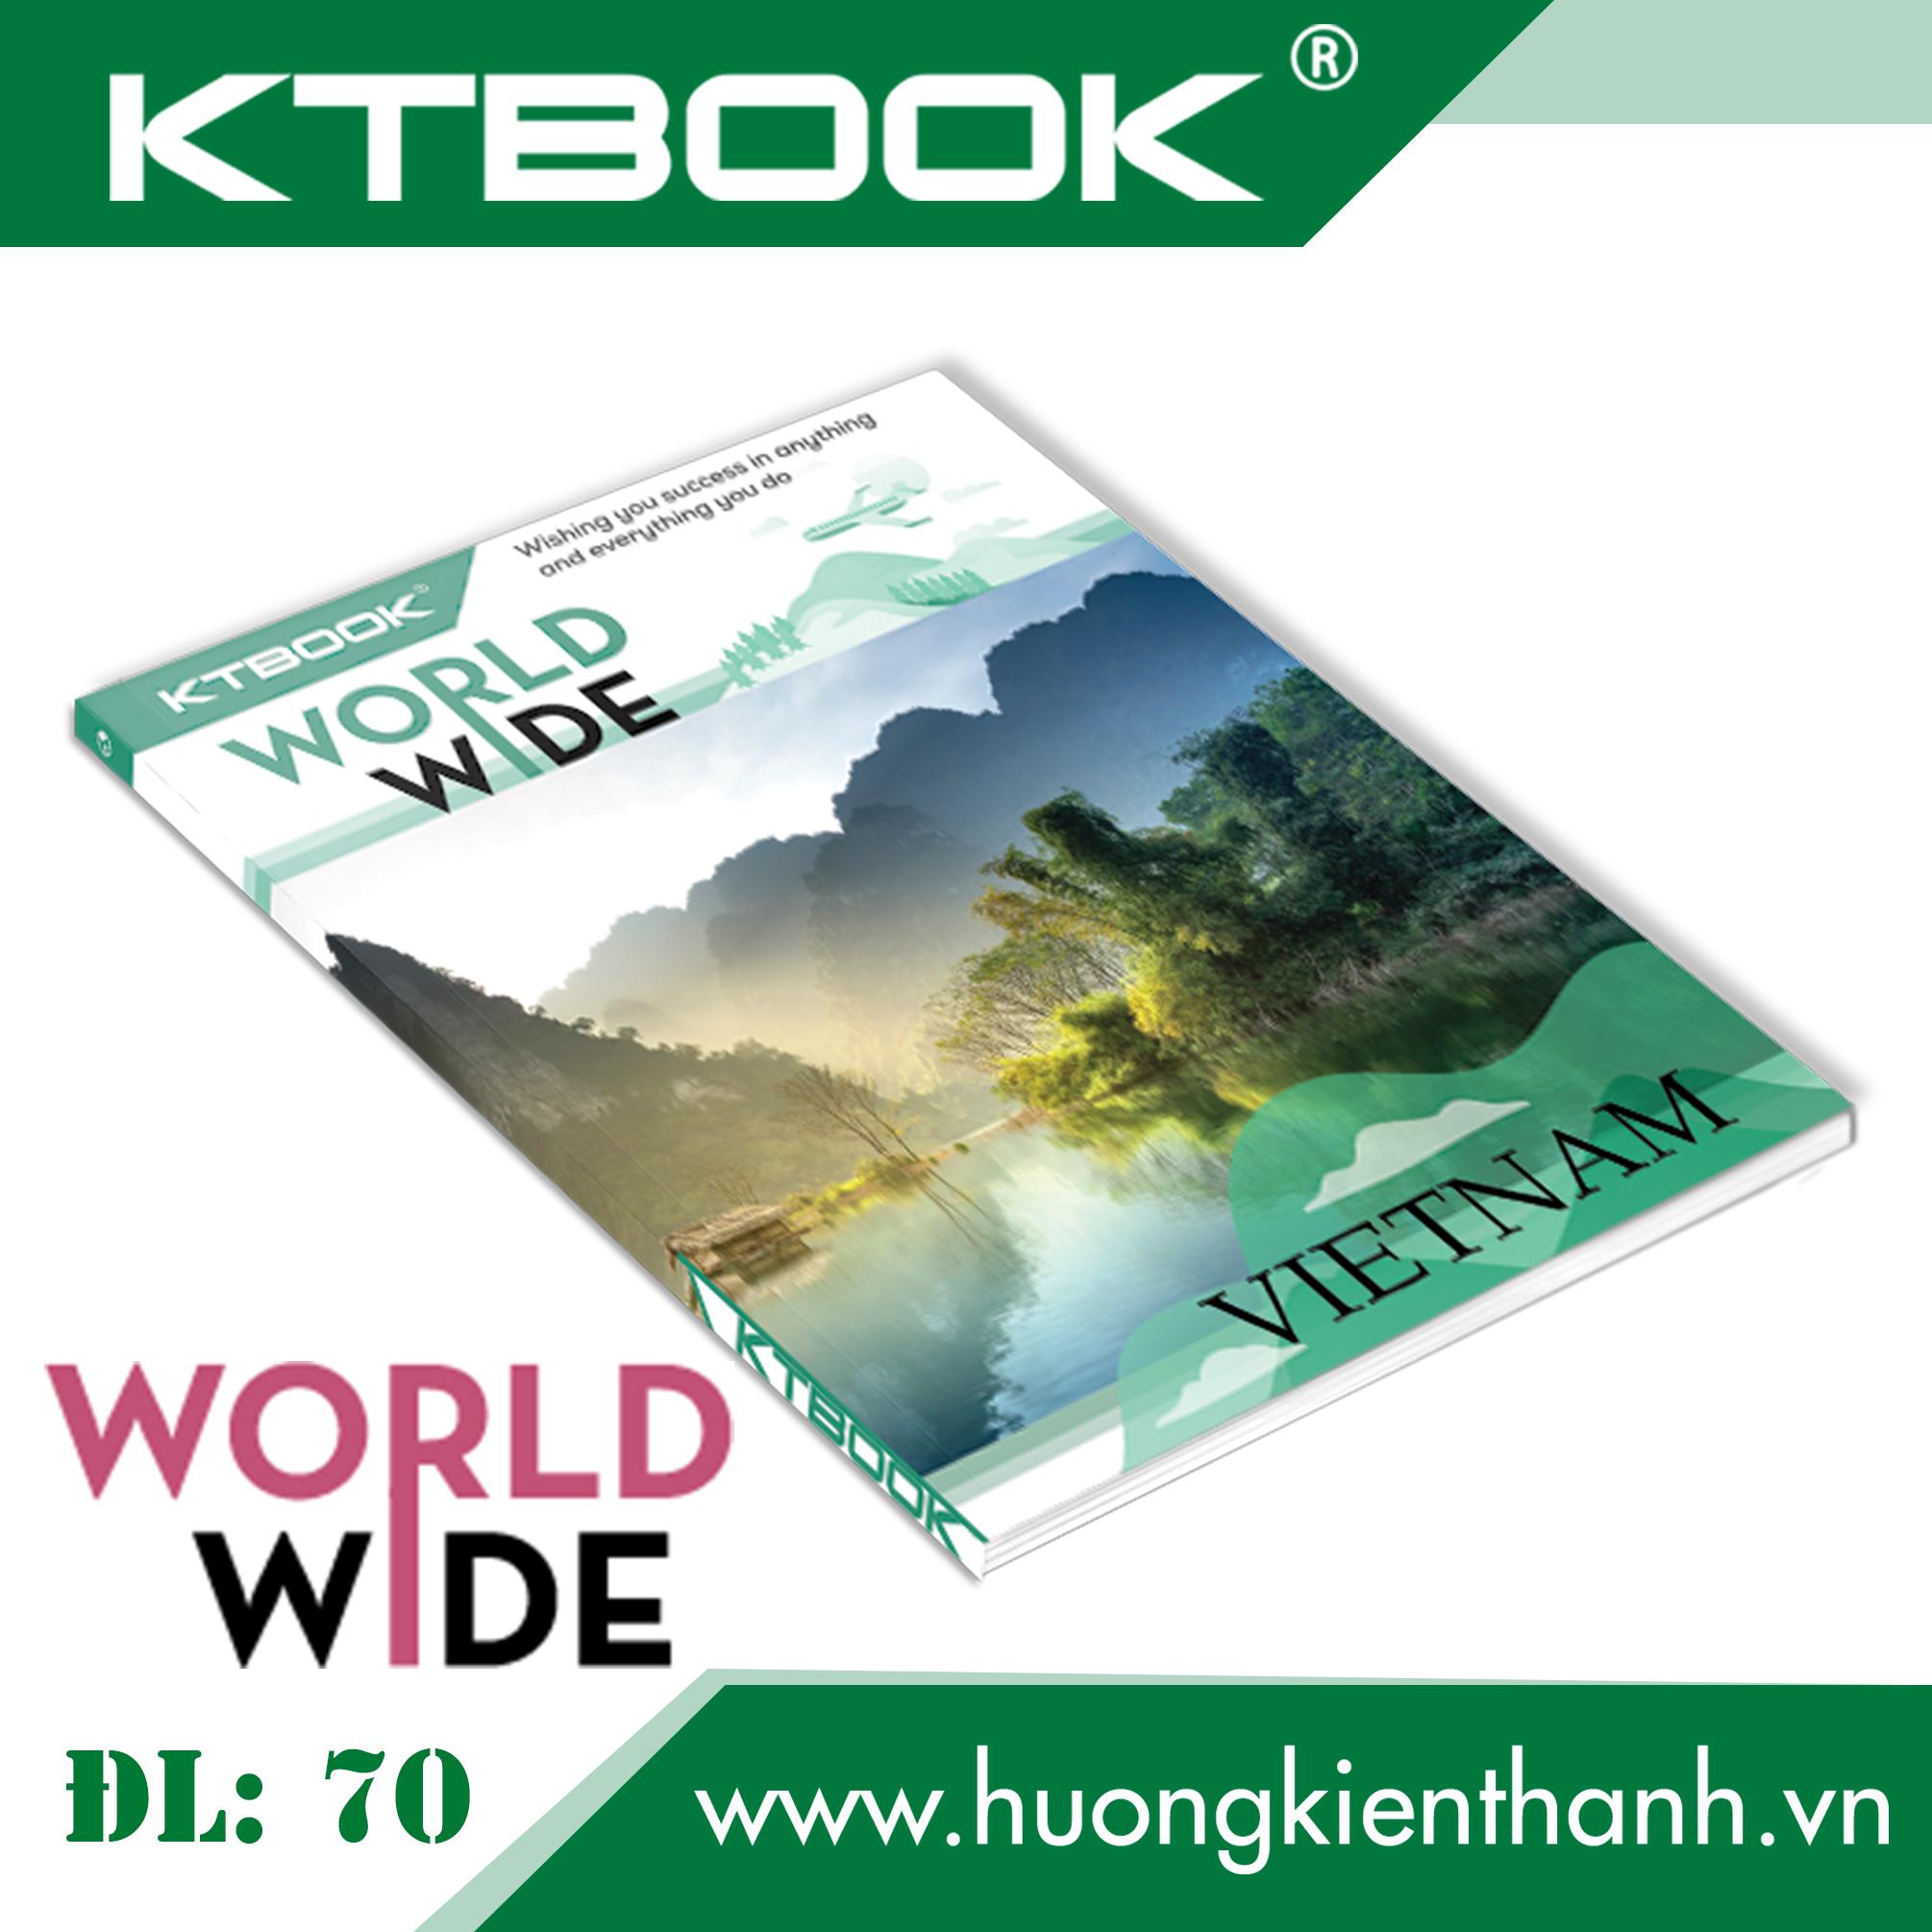 Gói 5 cuốn Tập Học Sinh Cao Cấp Giá rẻ Worldwide Giấy Trắng ĐL 70 gsm - 200 trang